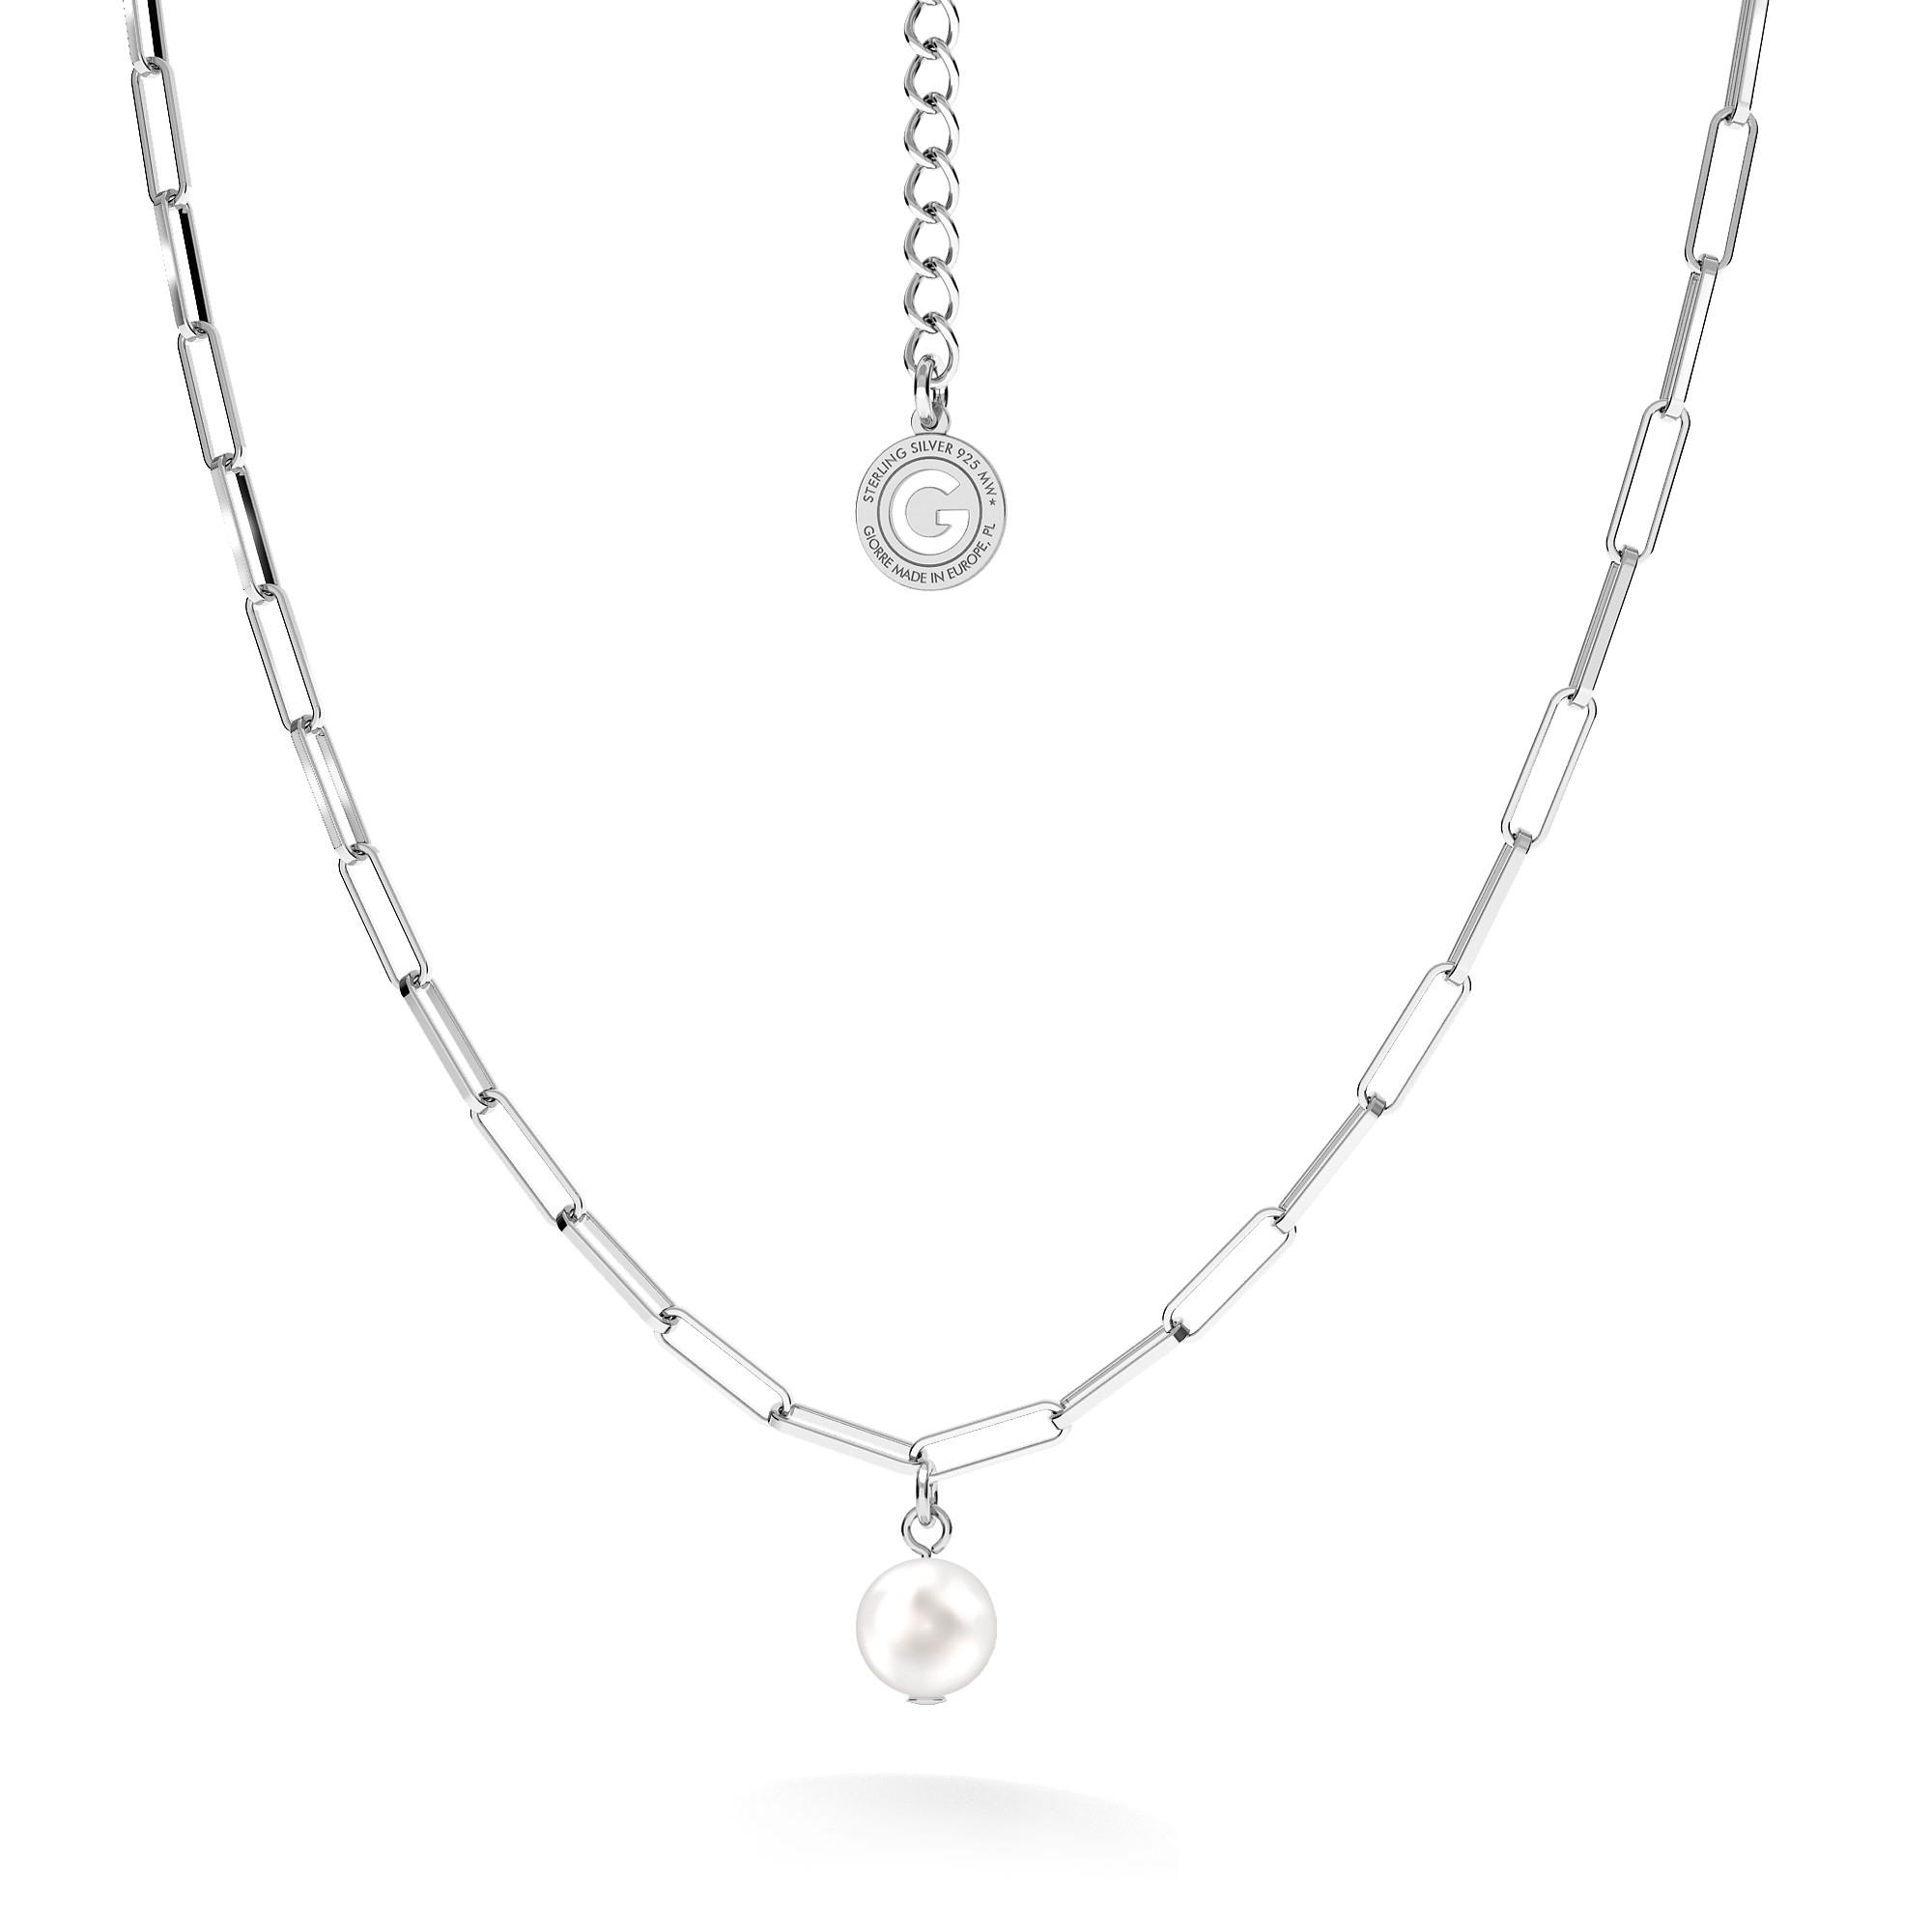 Srebrny naszyjnik z okrągłą perłą, srebro 925